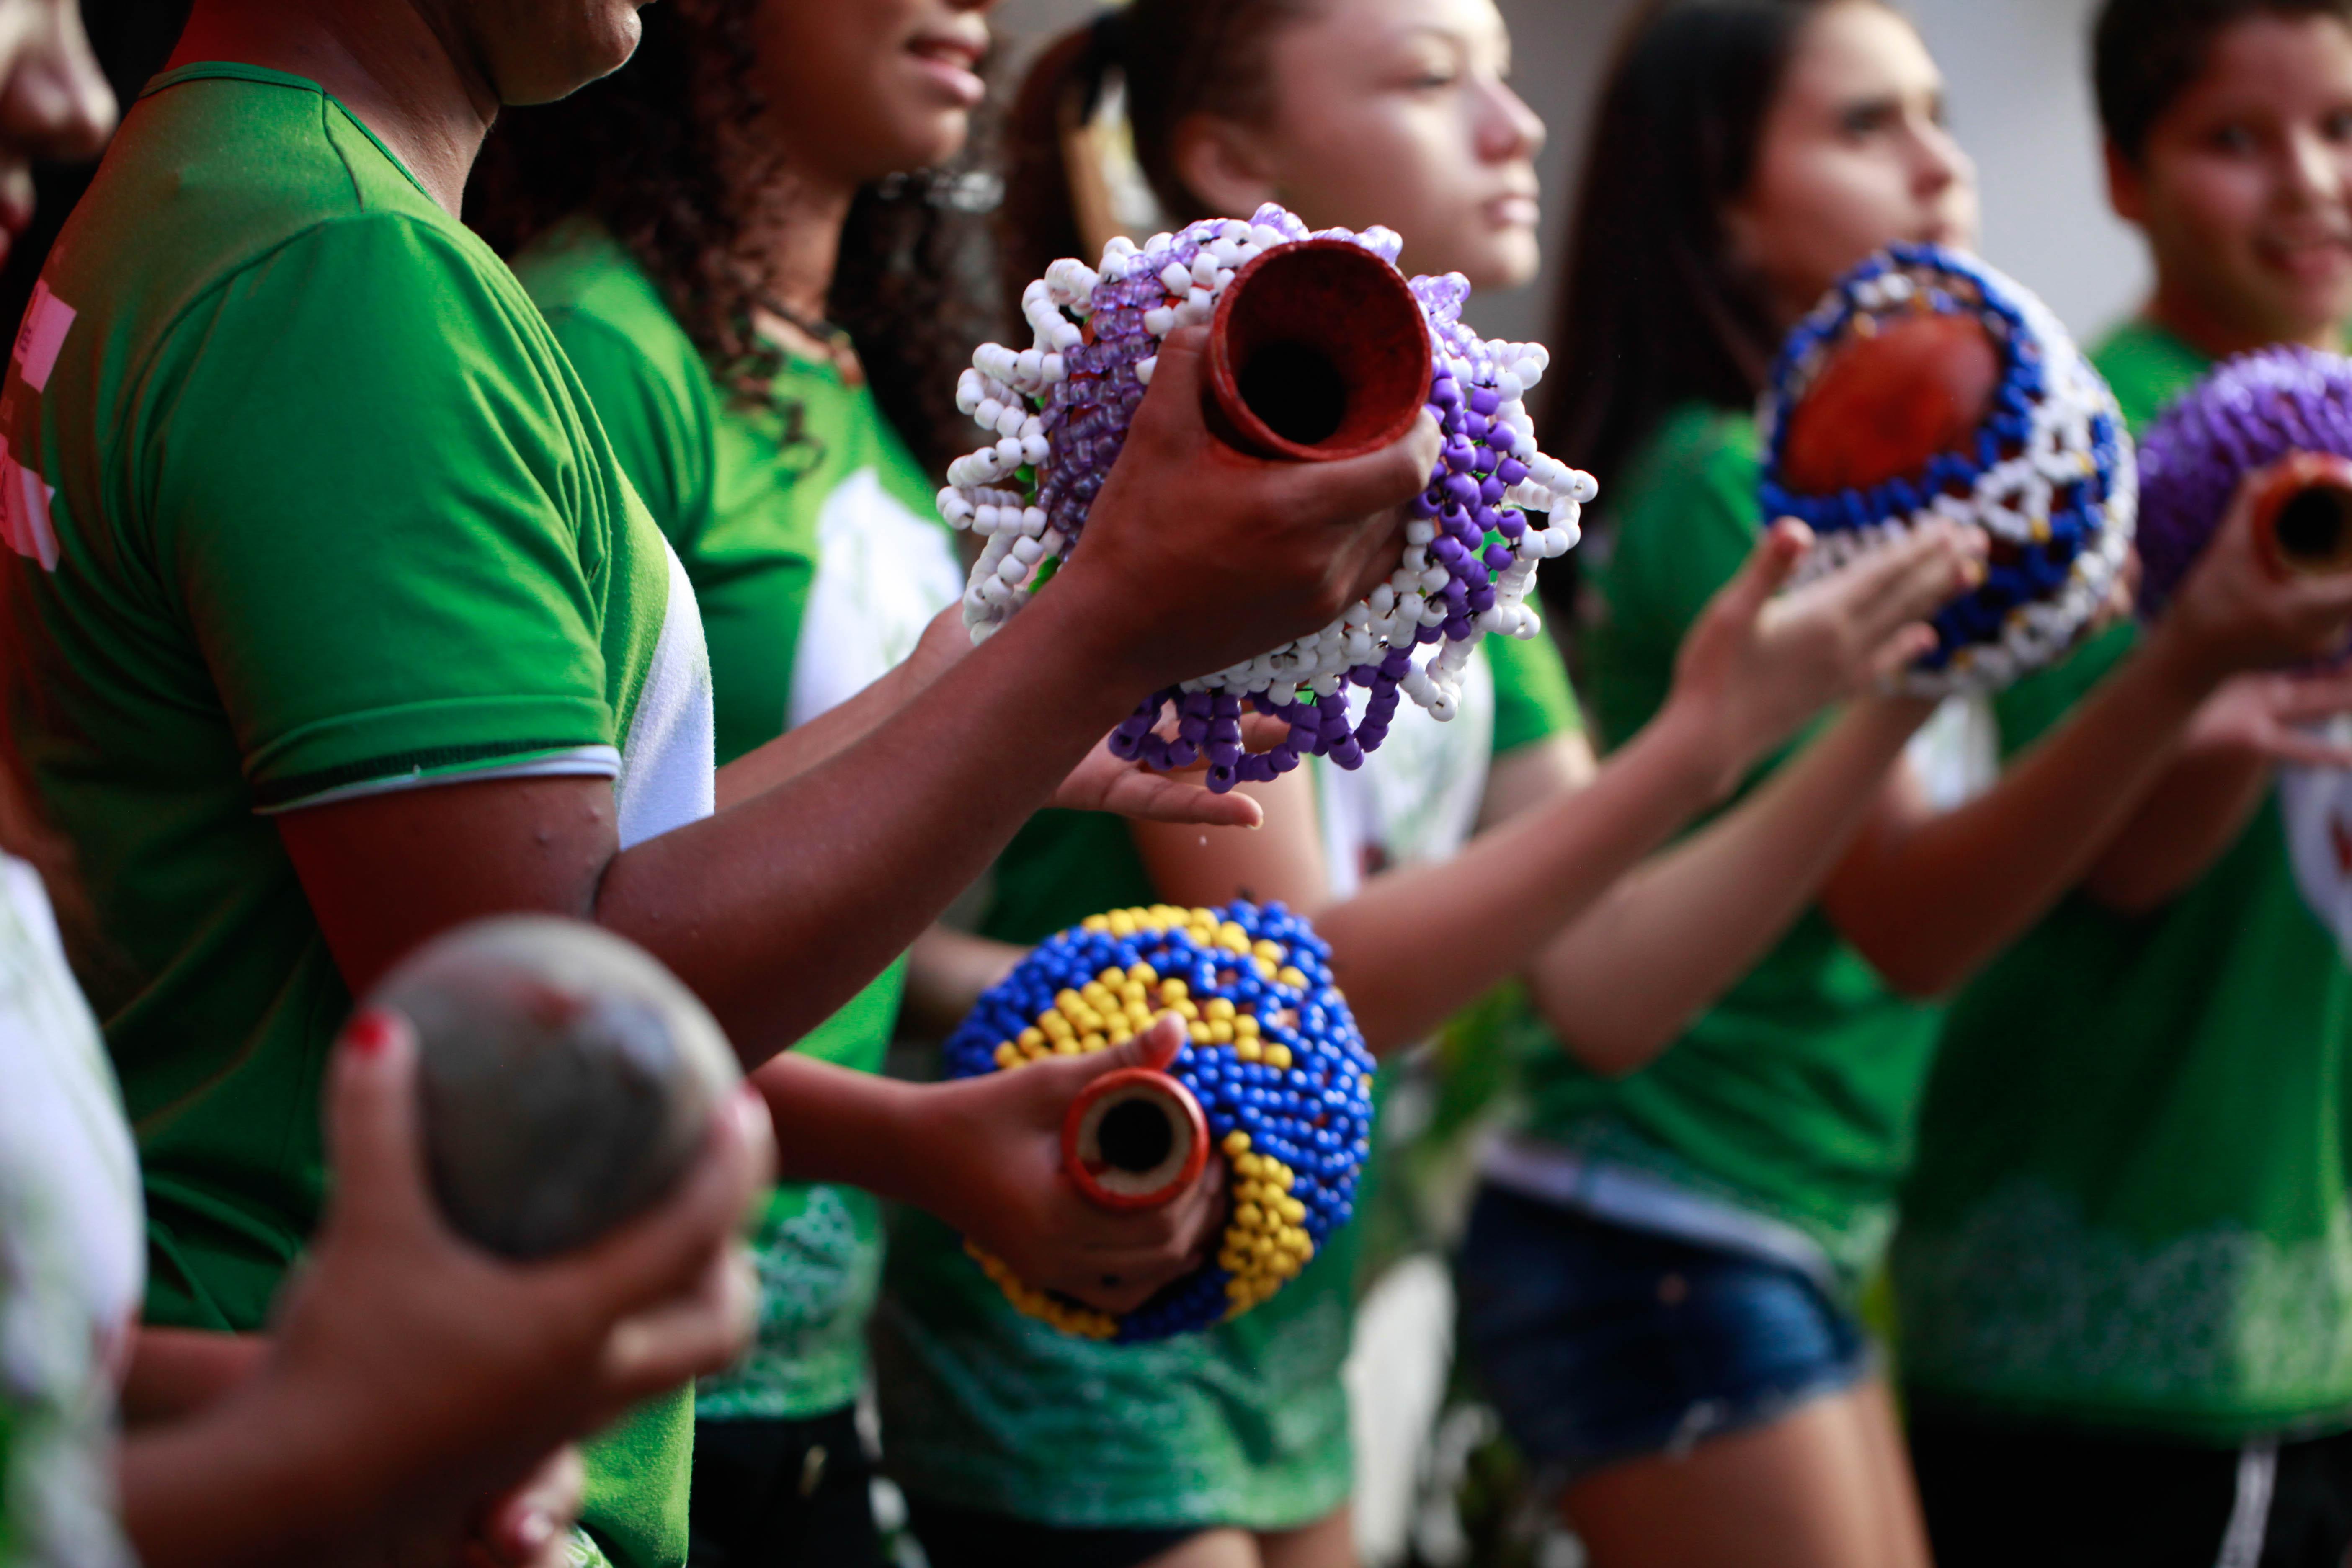 Crianças aprendem a construir instrumentos de percussão, na Escola e Cia. Vidança